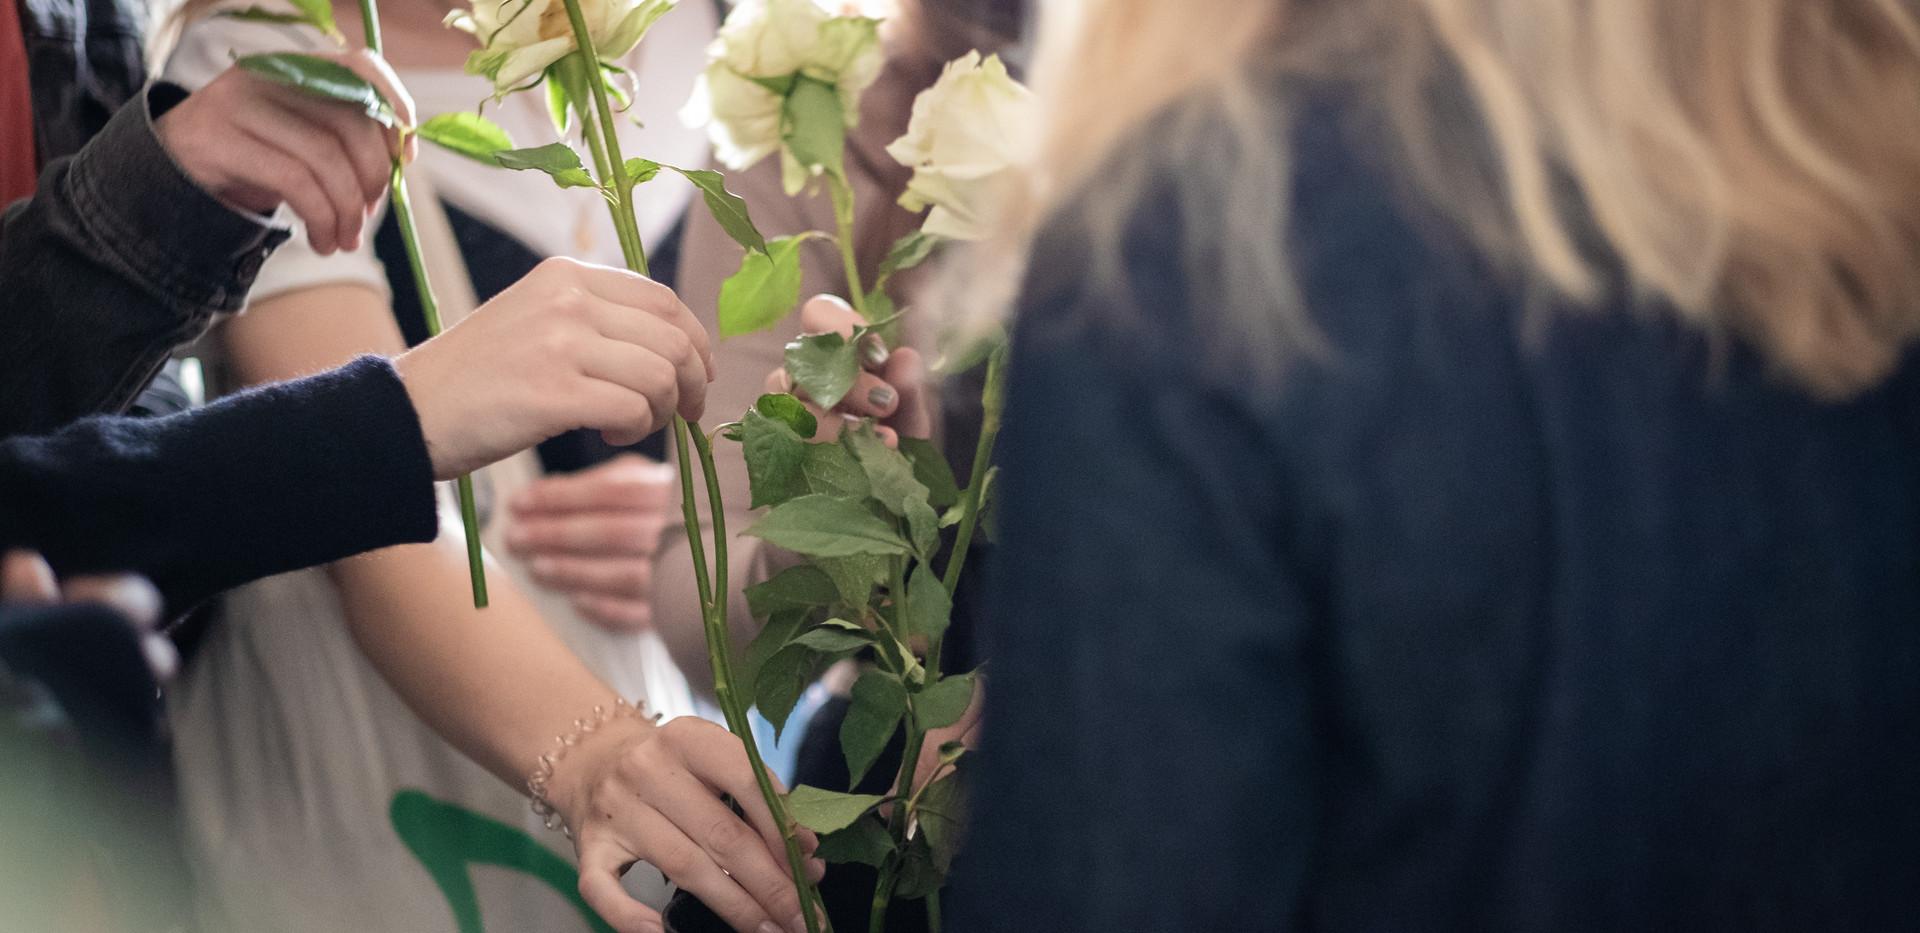 180811_EF_funeralflowers11.jpg